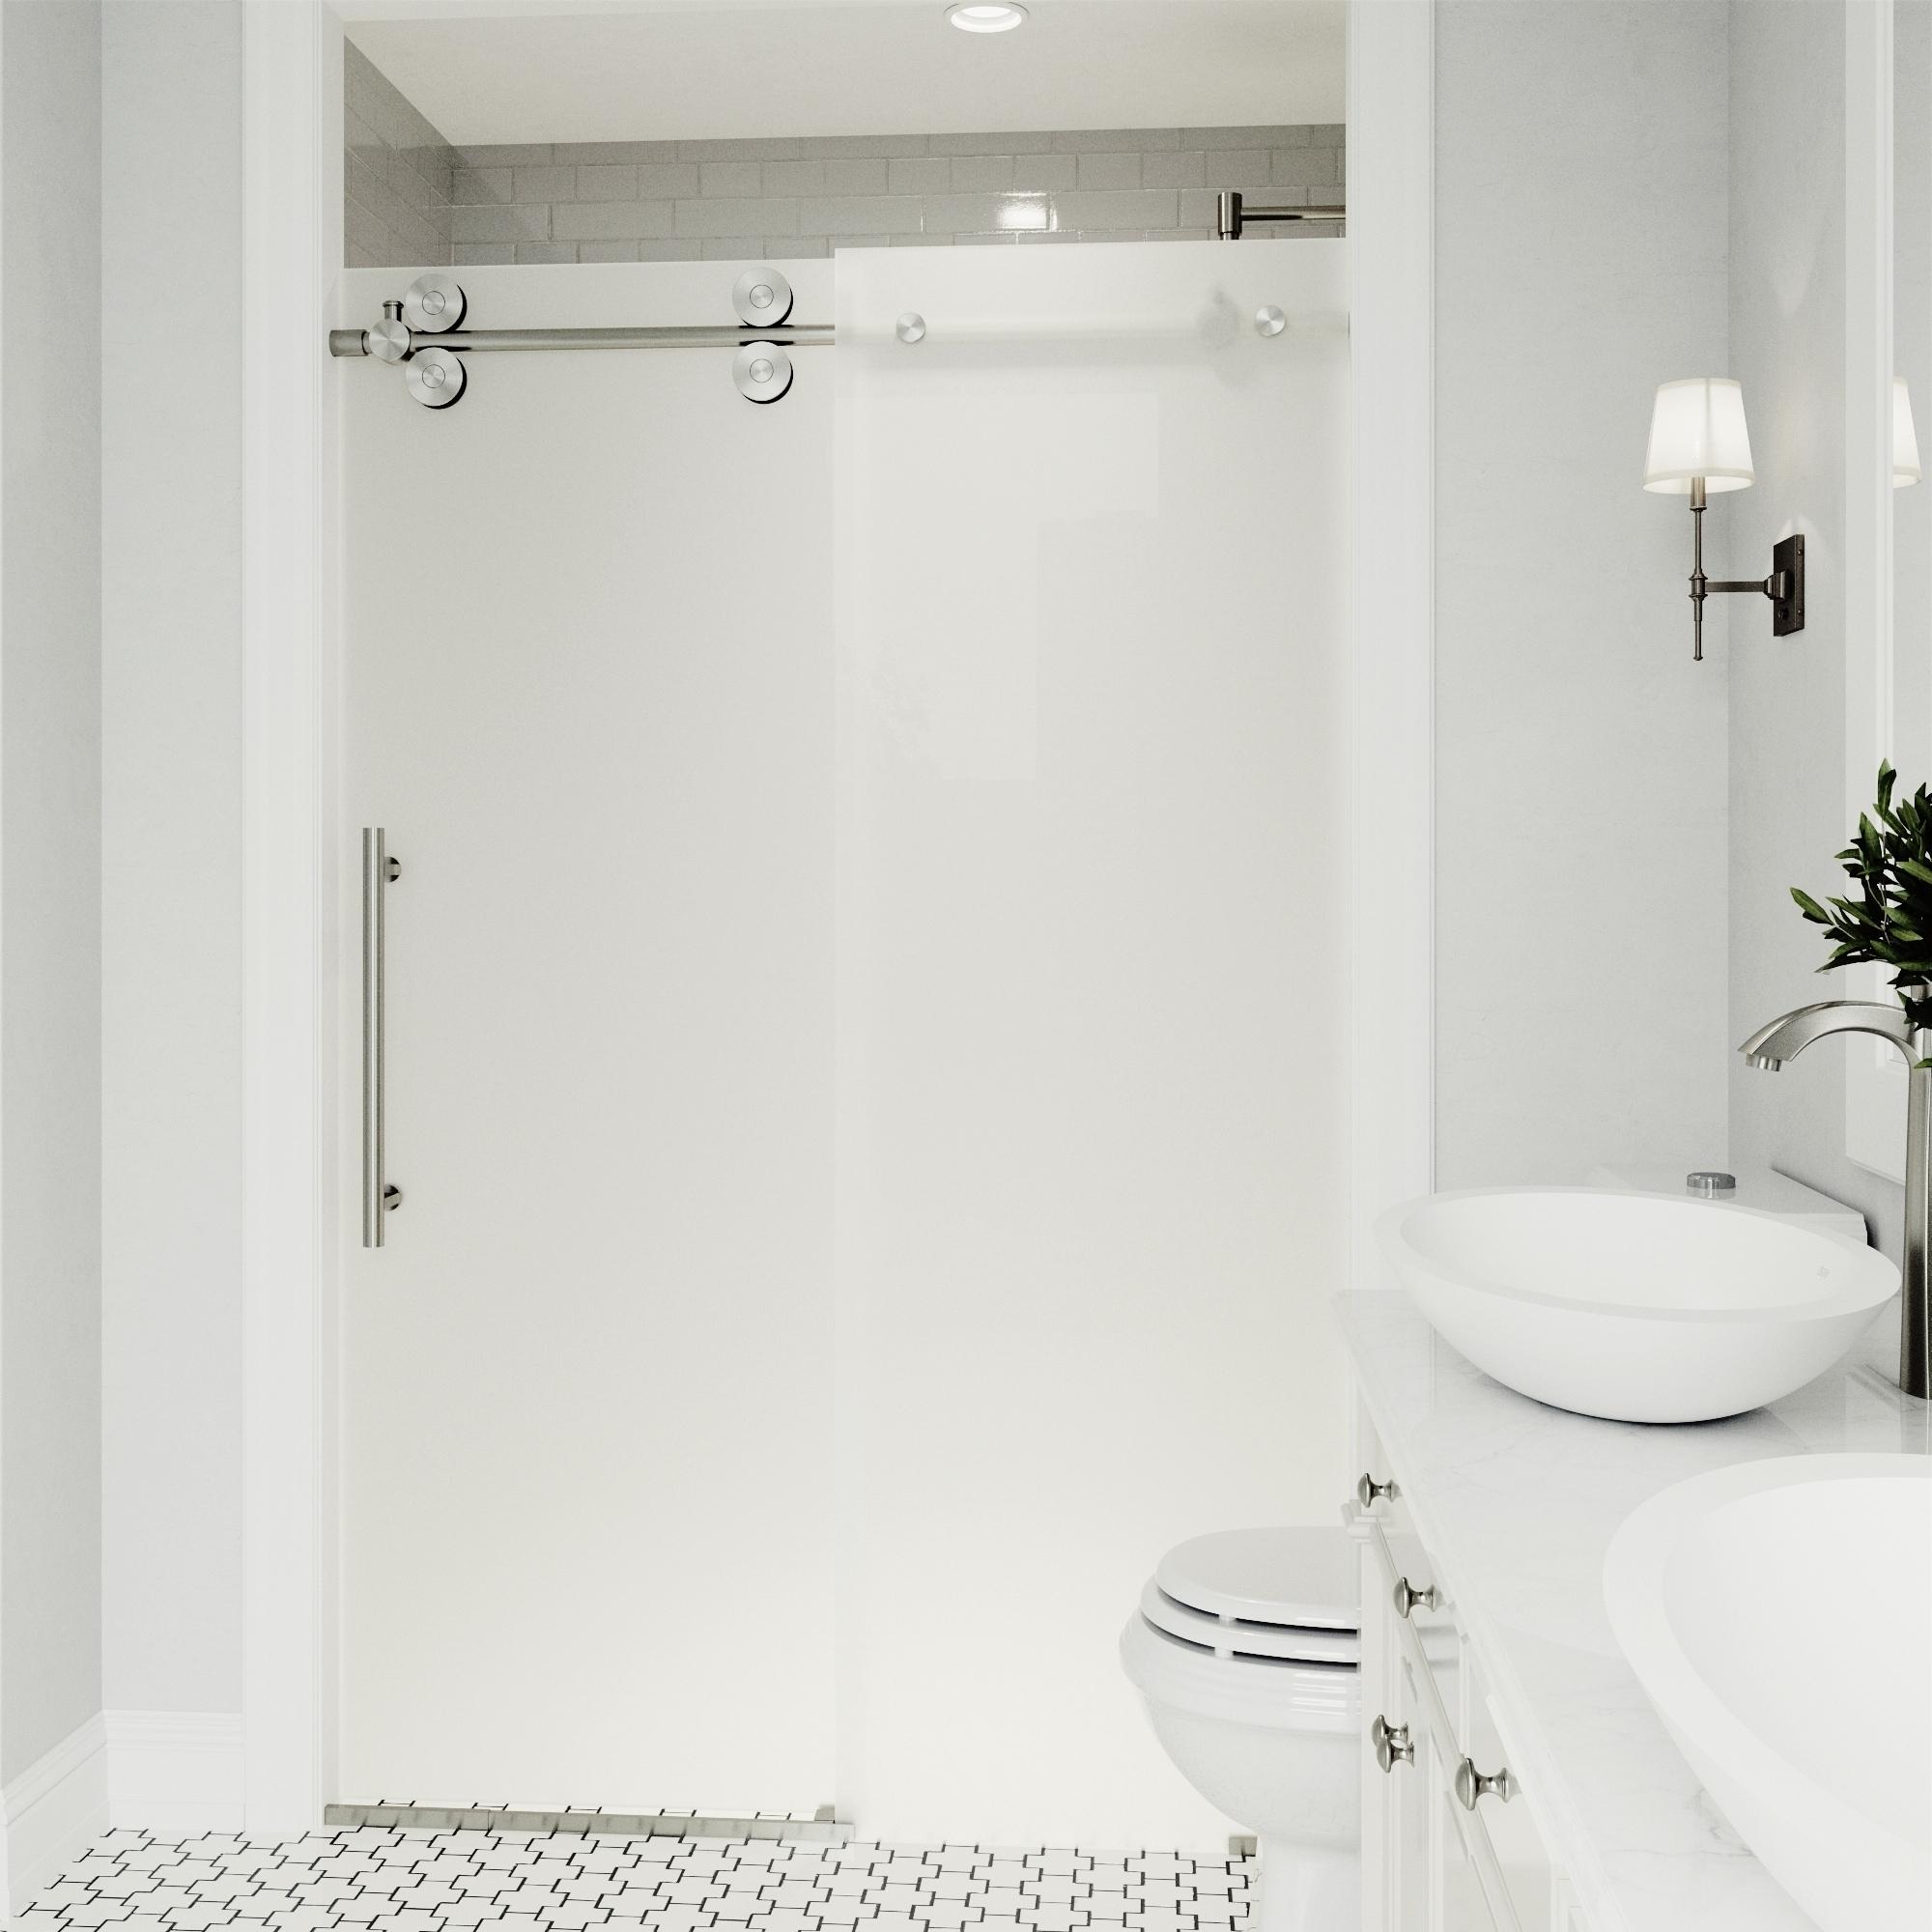 Details About Vigo Elan Frosted Adjustable Frameless Sliding Shower Door Left Sided Door Stain